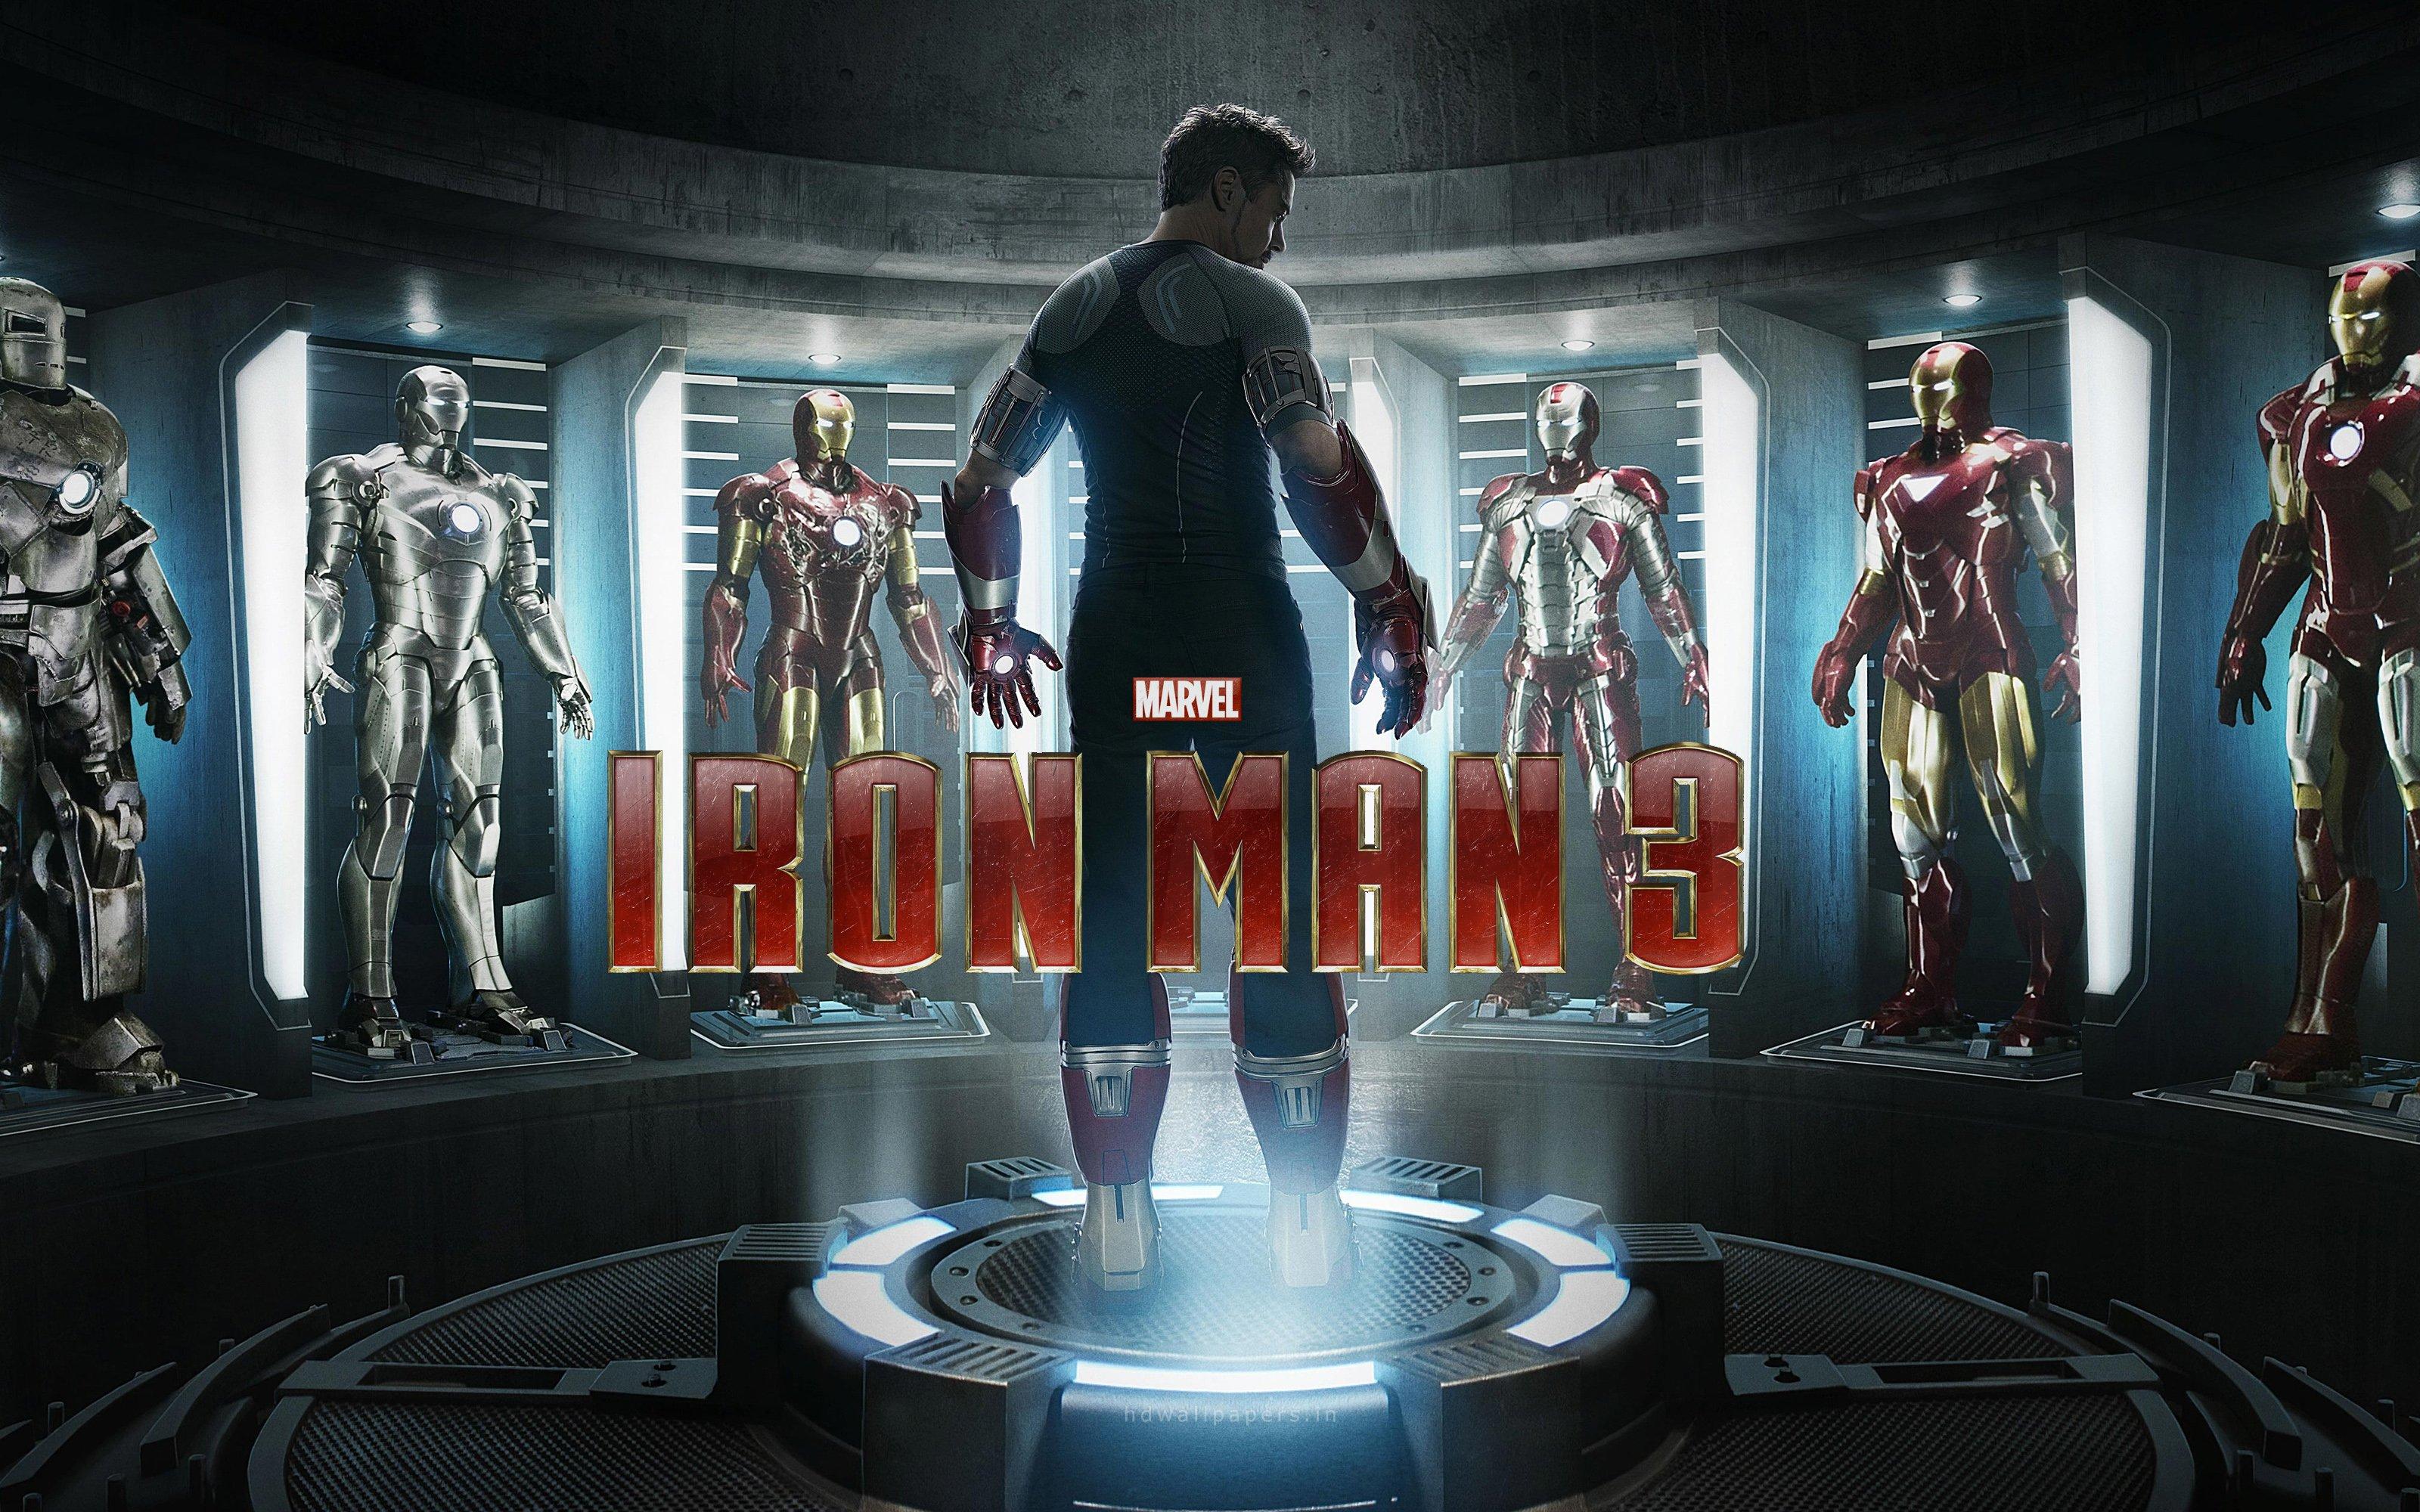 Walt Disney hará una versión china de la saga cinematográfica Iron Man3